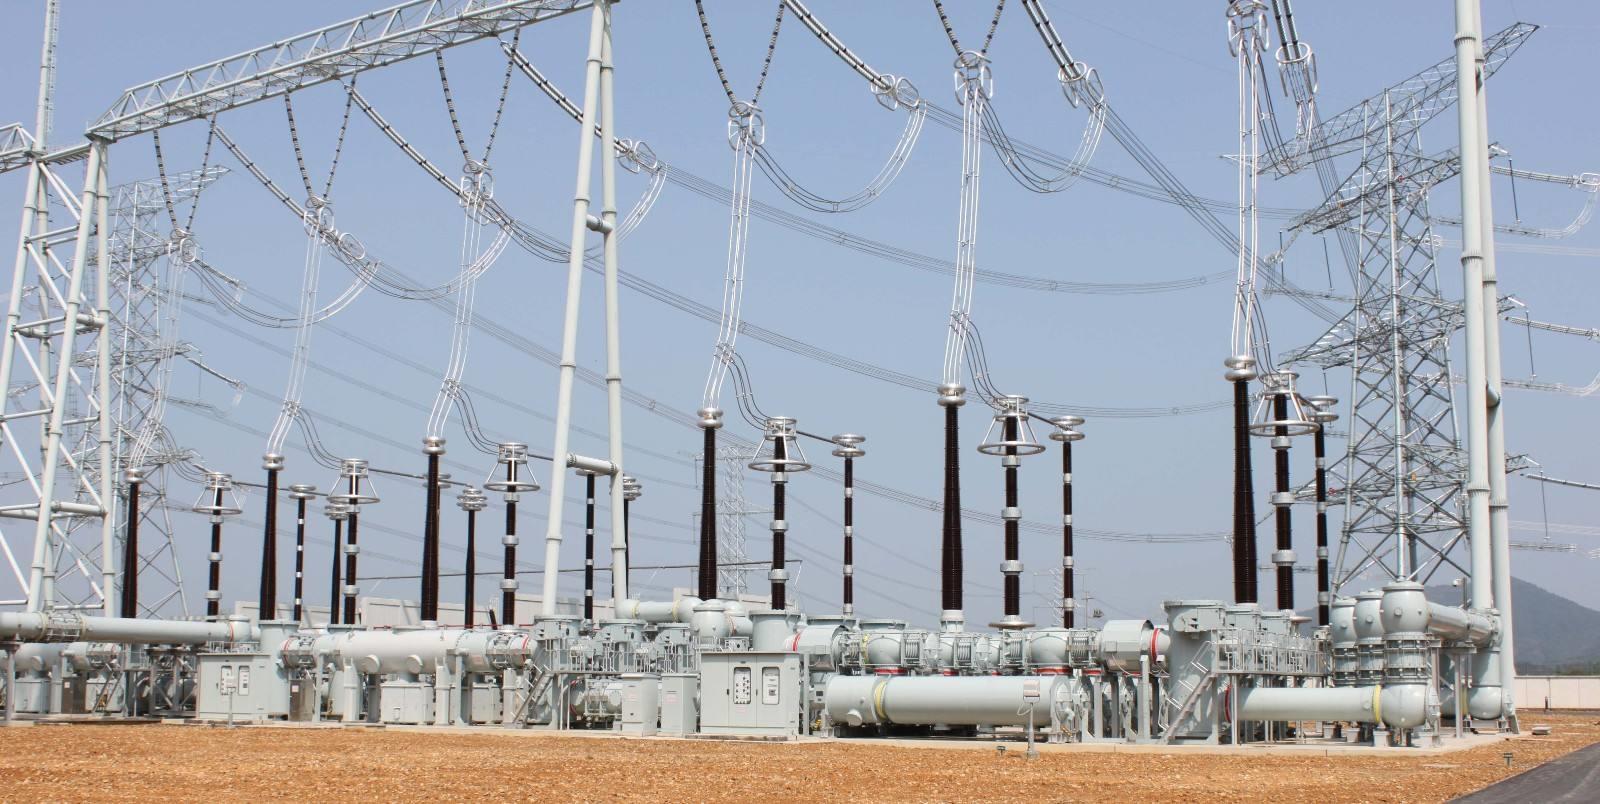 苏州投运世界最大的电网智能导航系统